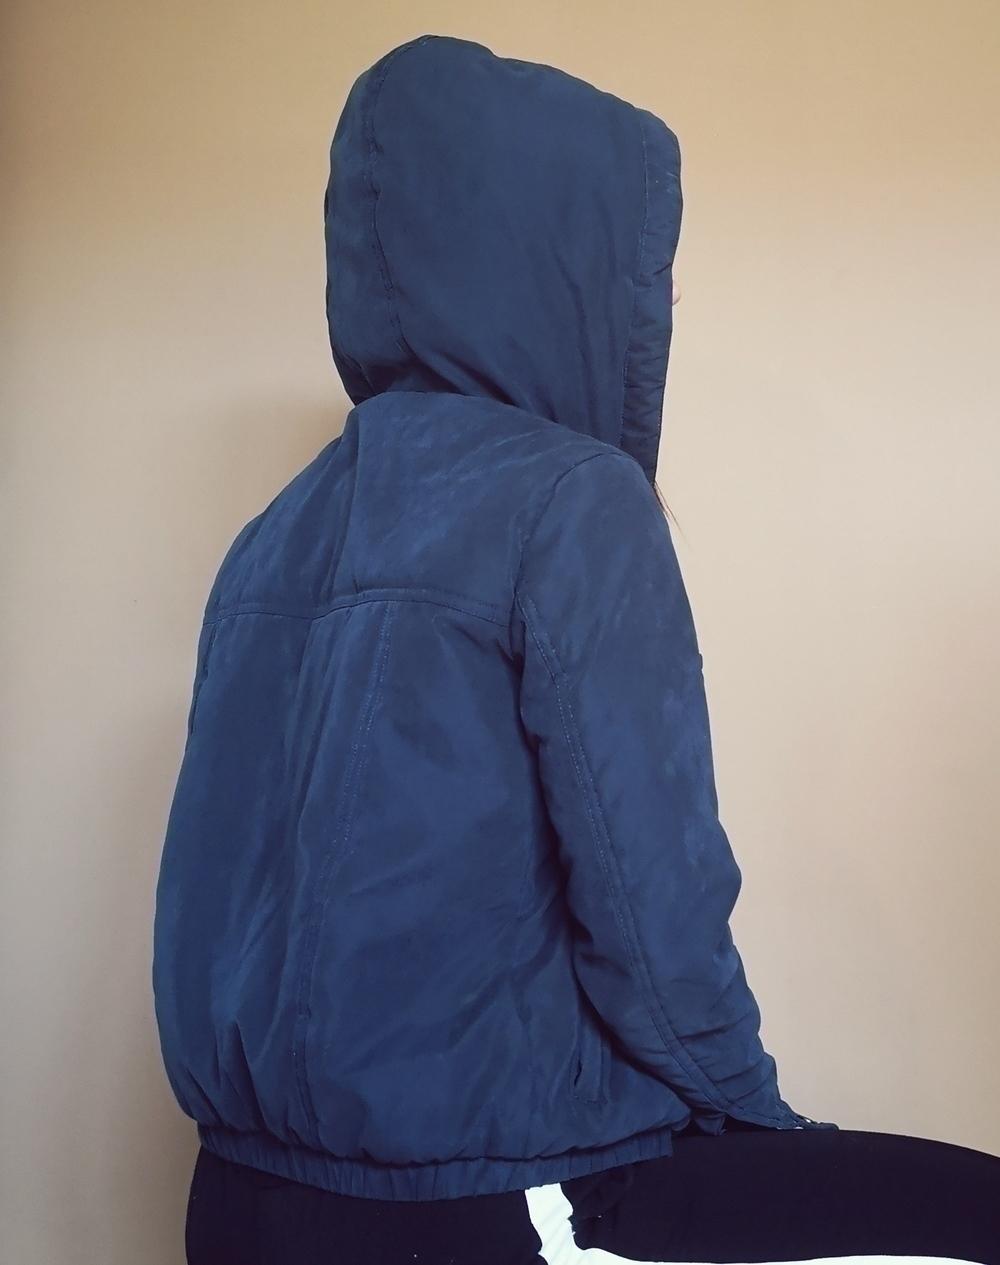 Casaco de inverno (azul escuro) 2